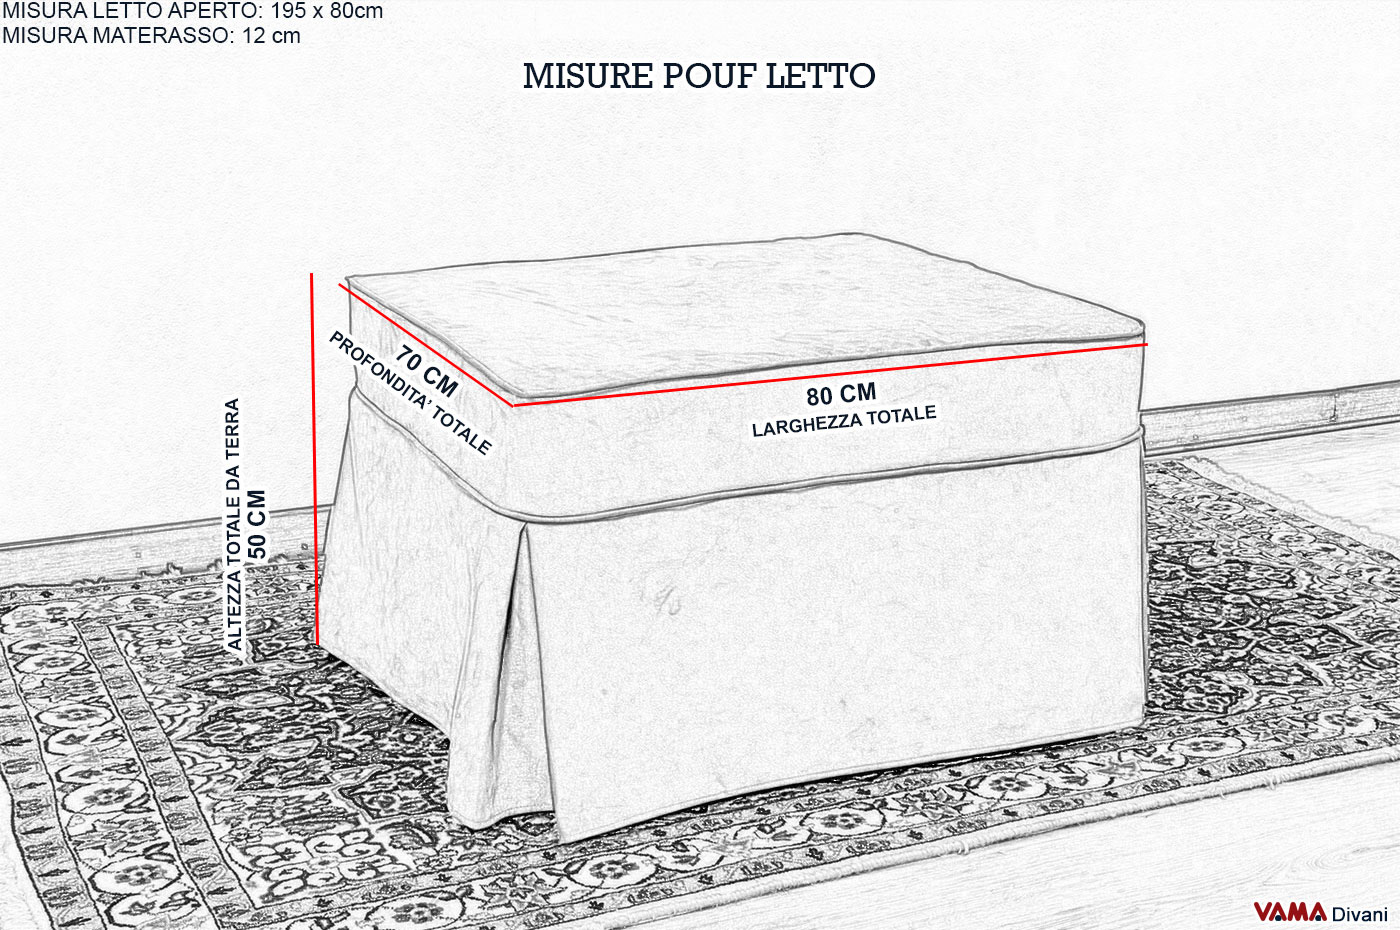 Pouf letto singolo sfoderabile prezzi e vendita on line - Misura standard letto matrimoniale ...